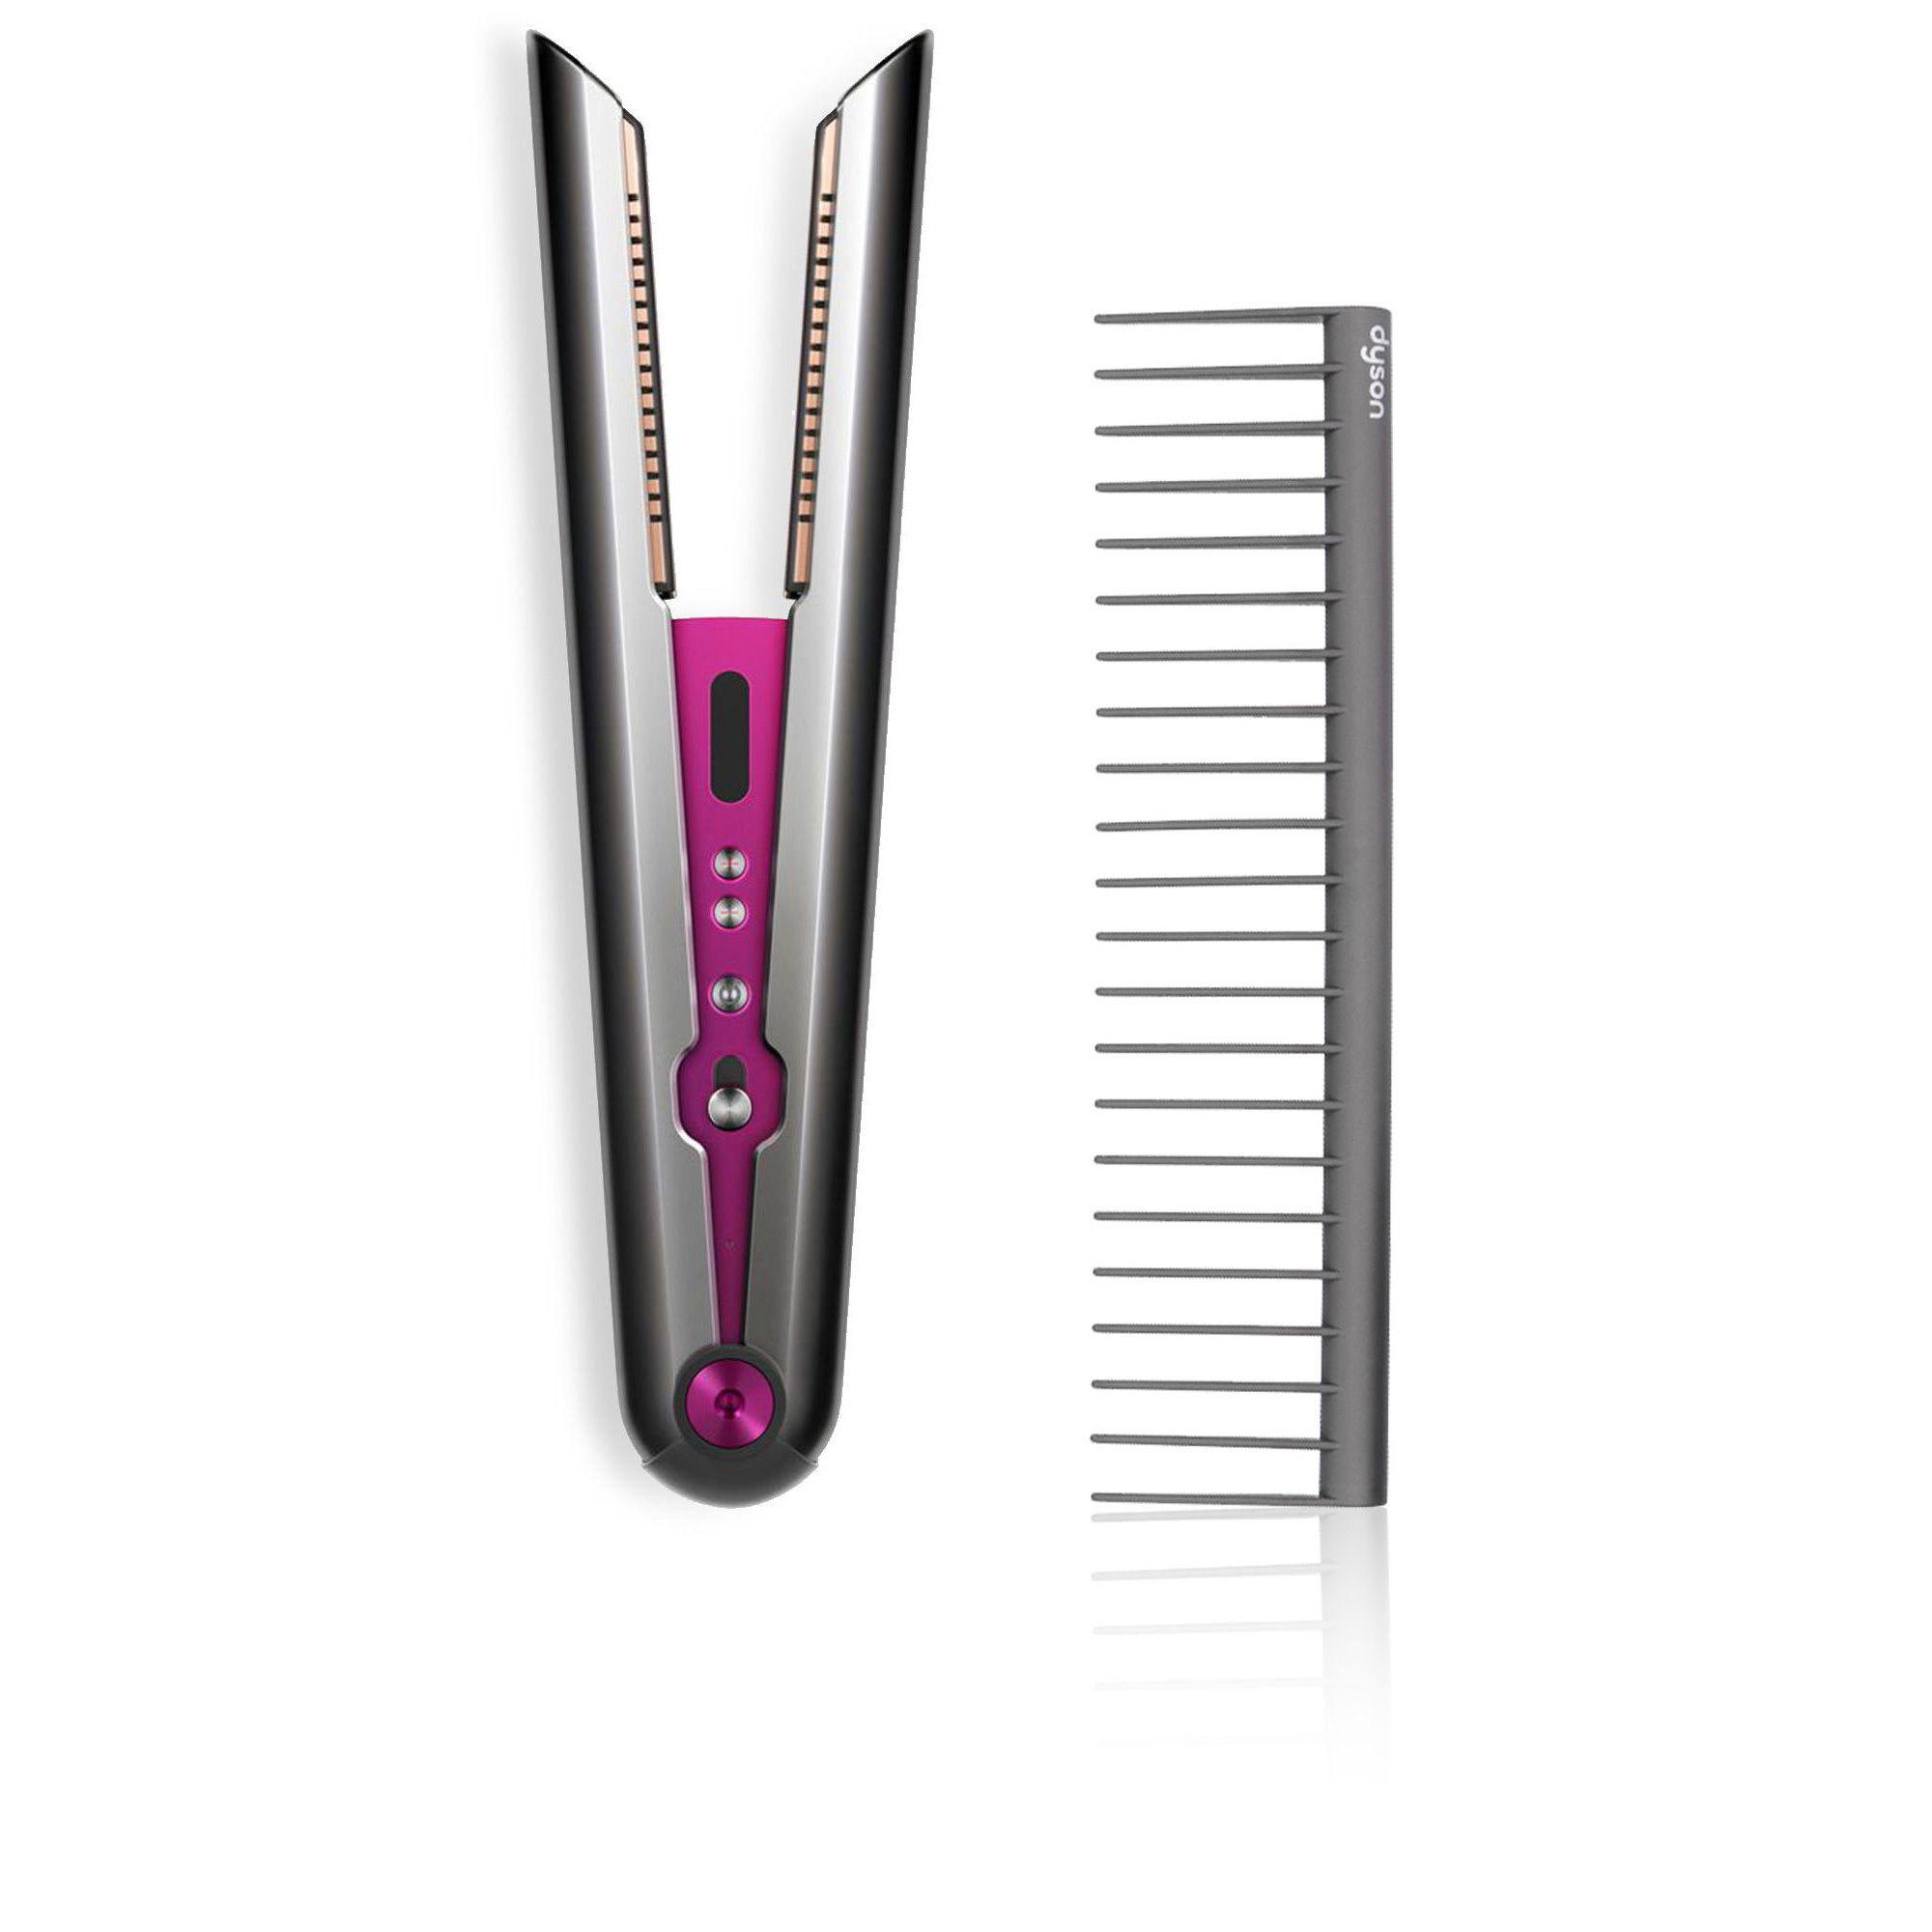 Image of Corrale™ Piastra capelli + pettine a denti larghi